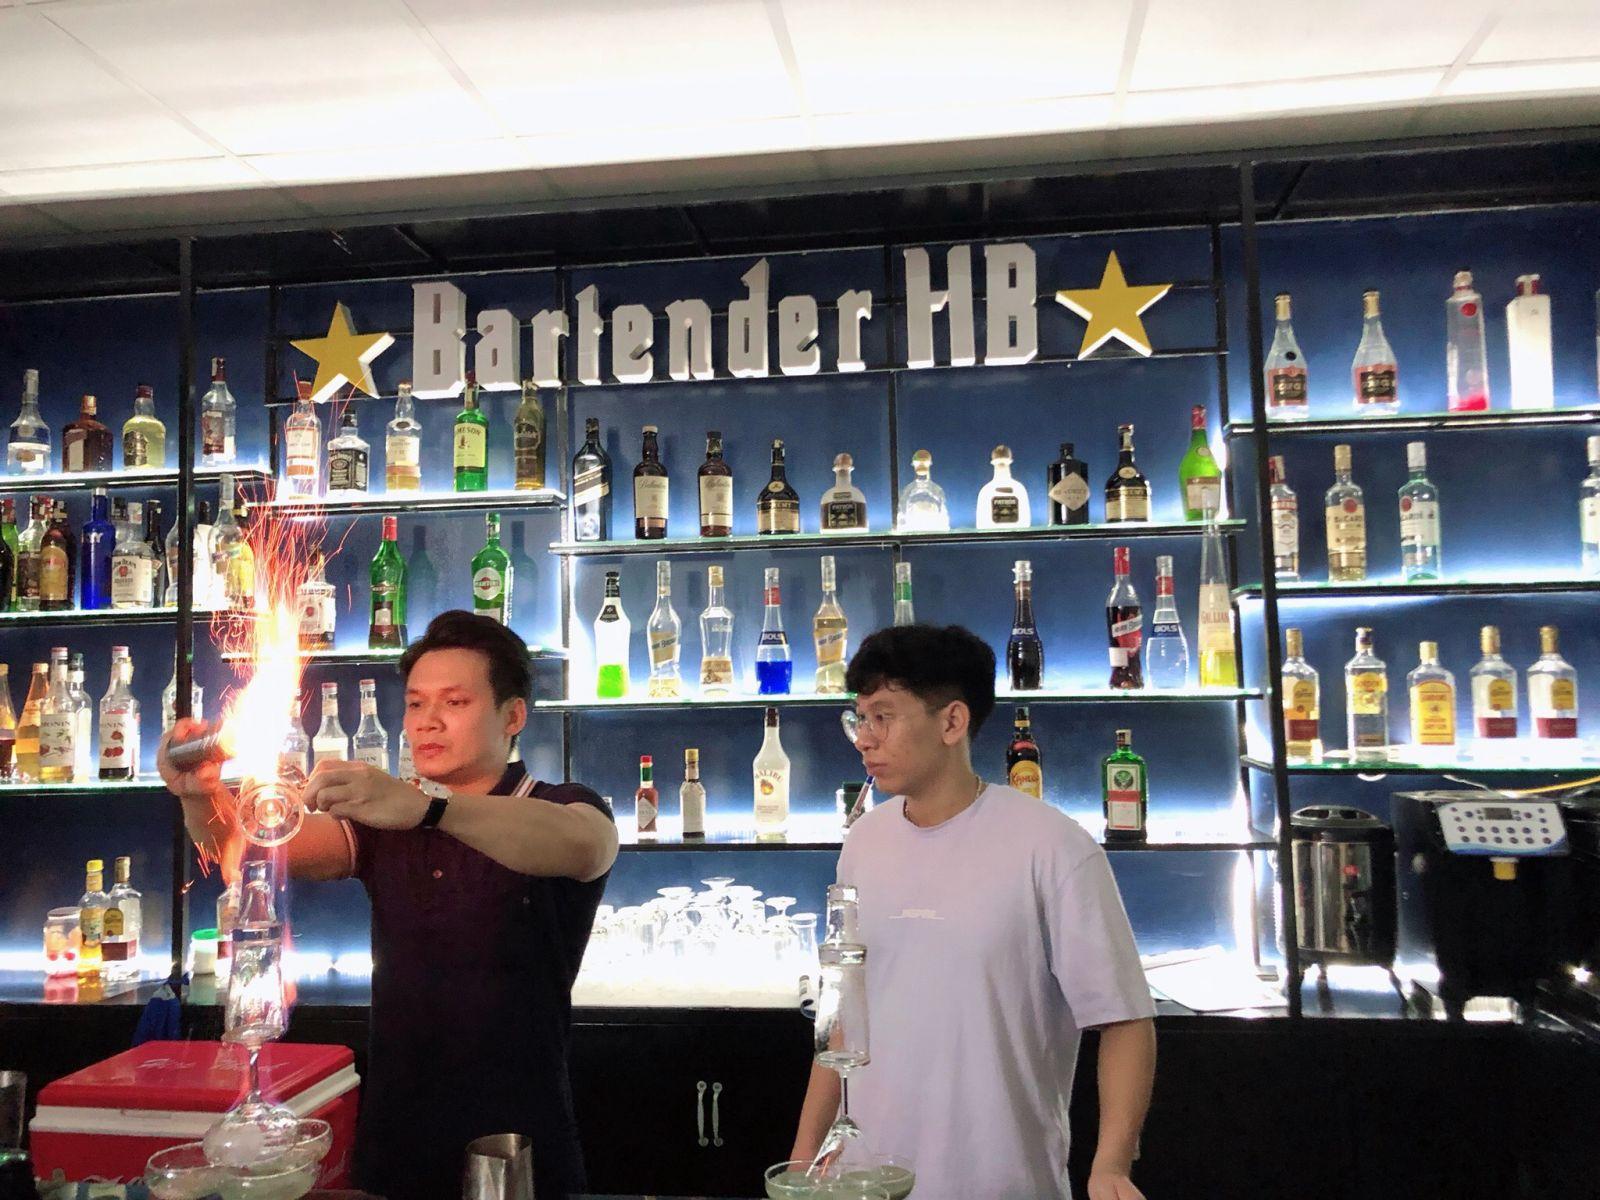 hình ảnh lớp học trung tâm dạy nghề pha chế Bartender